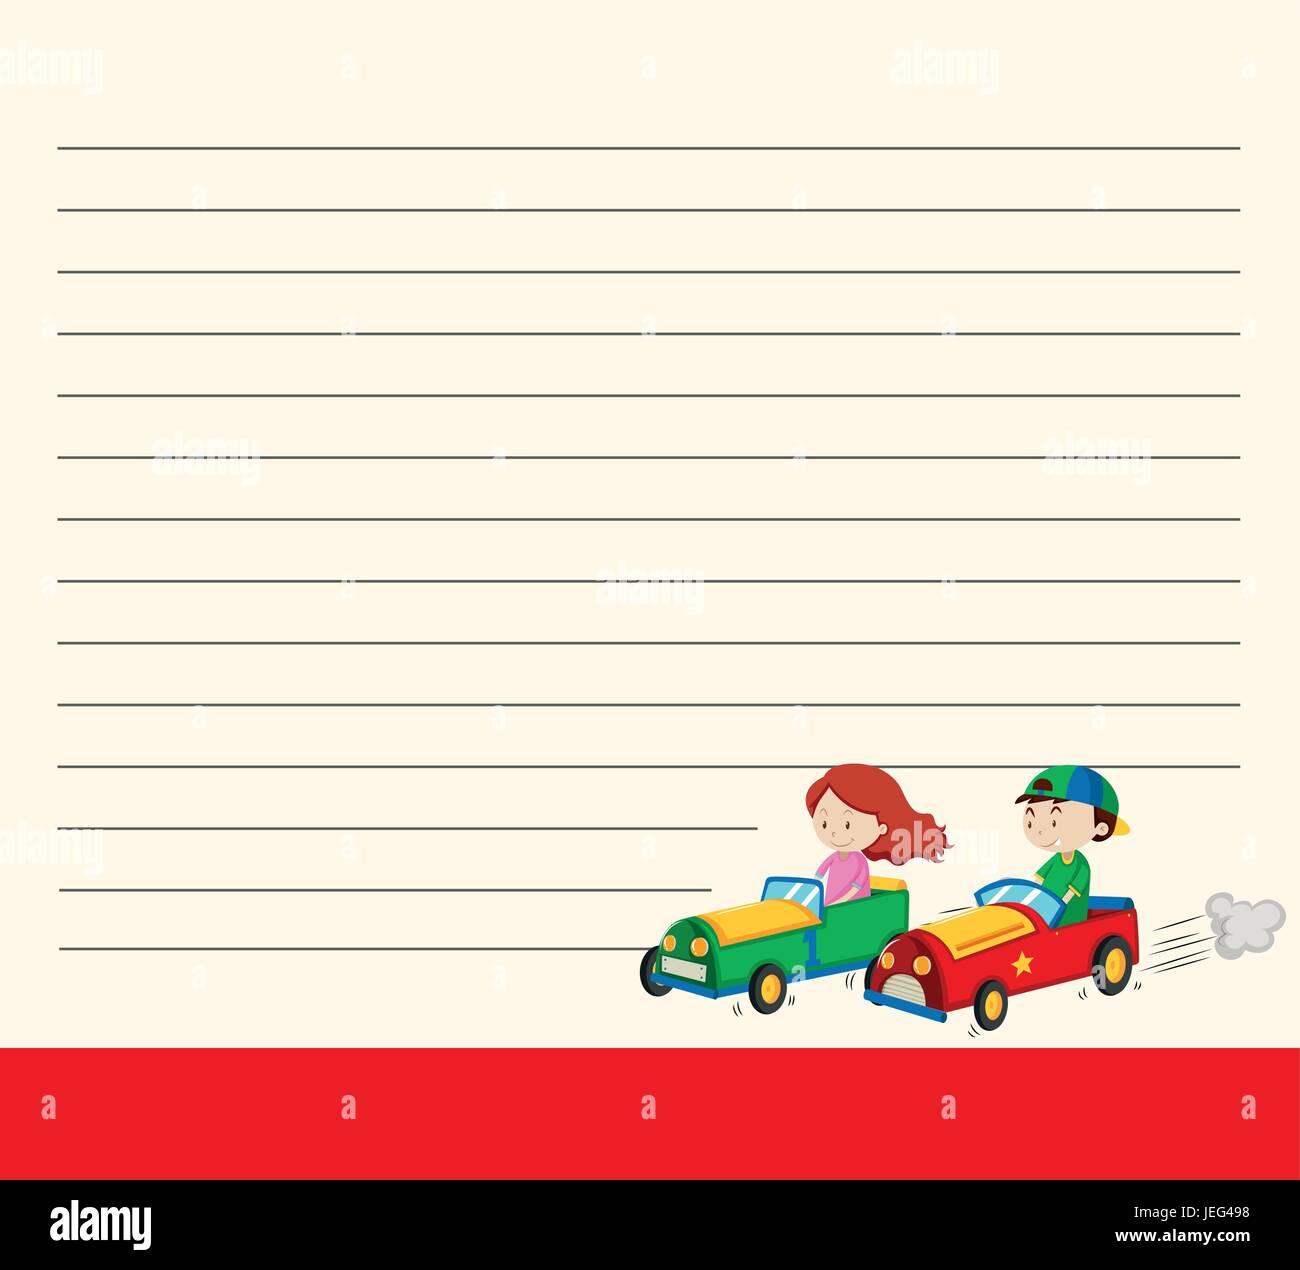 Linie Papier-Vorlage mit Kindern Renn-Autos Abbildung Vektor ...